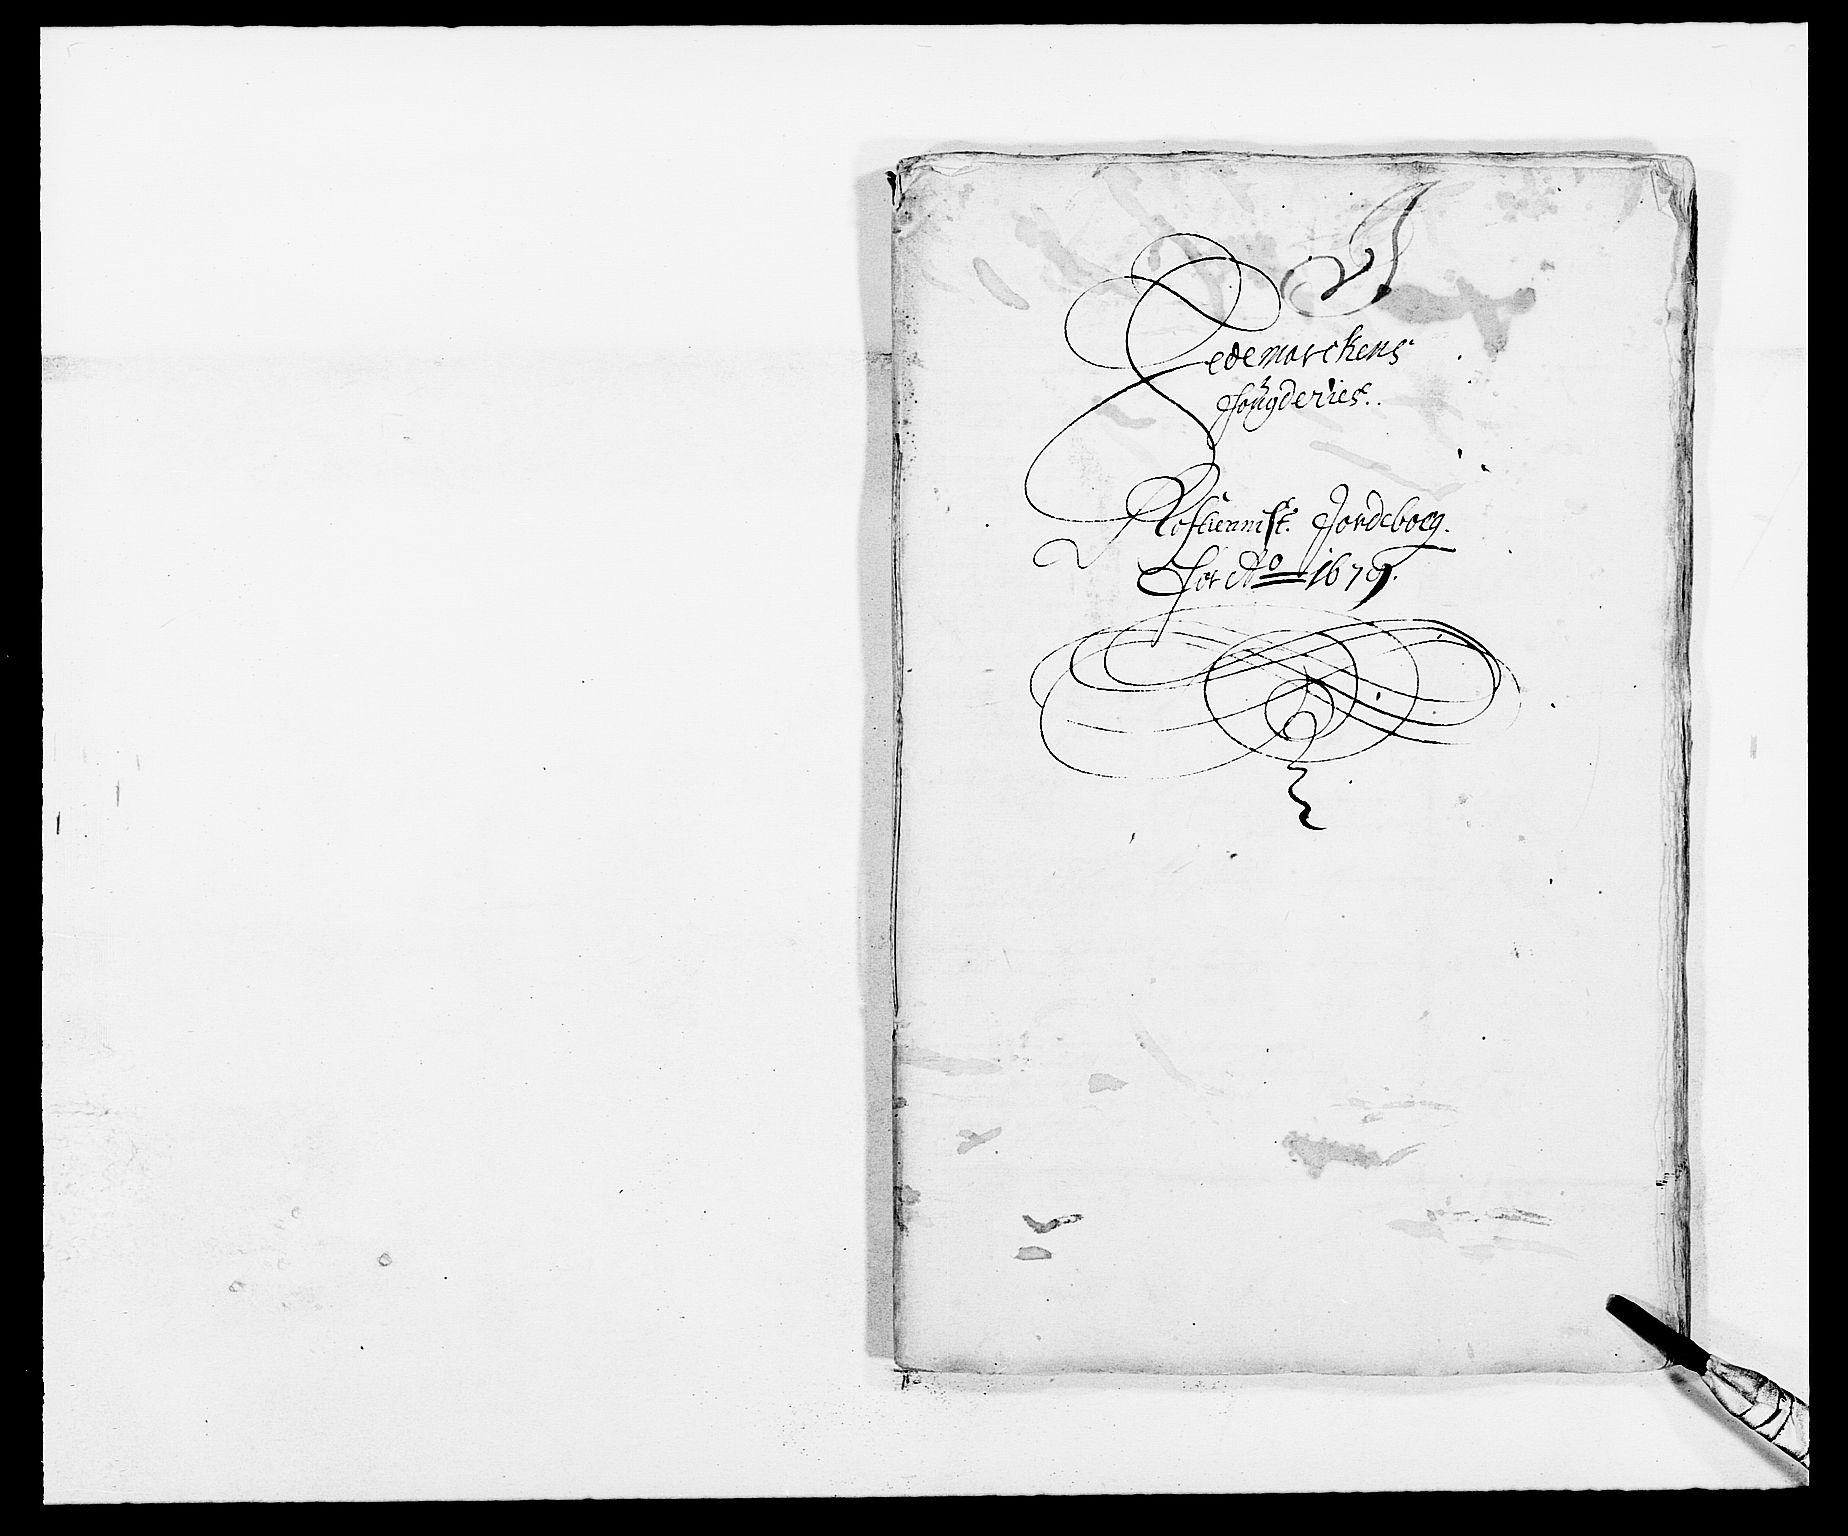 RA, Rentekammeret inntil 1814, Reviderte regnskaper, Fogderegnskap, R16/L1018: Fogderegnskap Hedmark, 1678-1679, s. 255